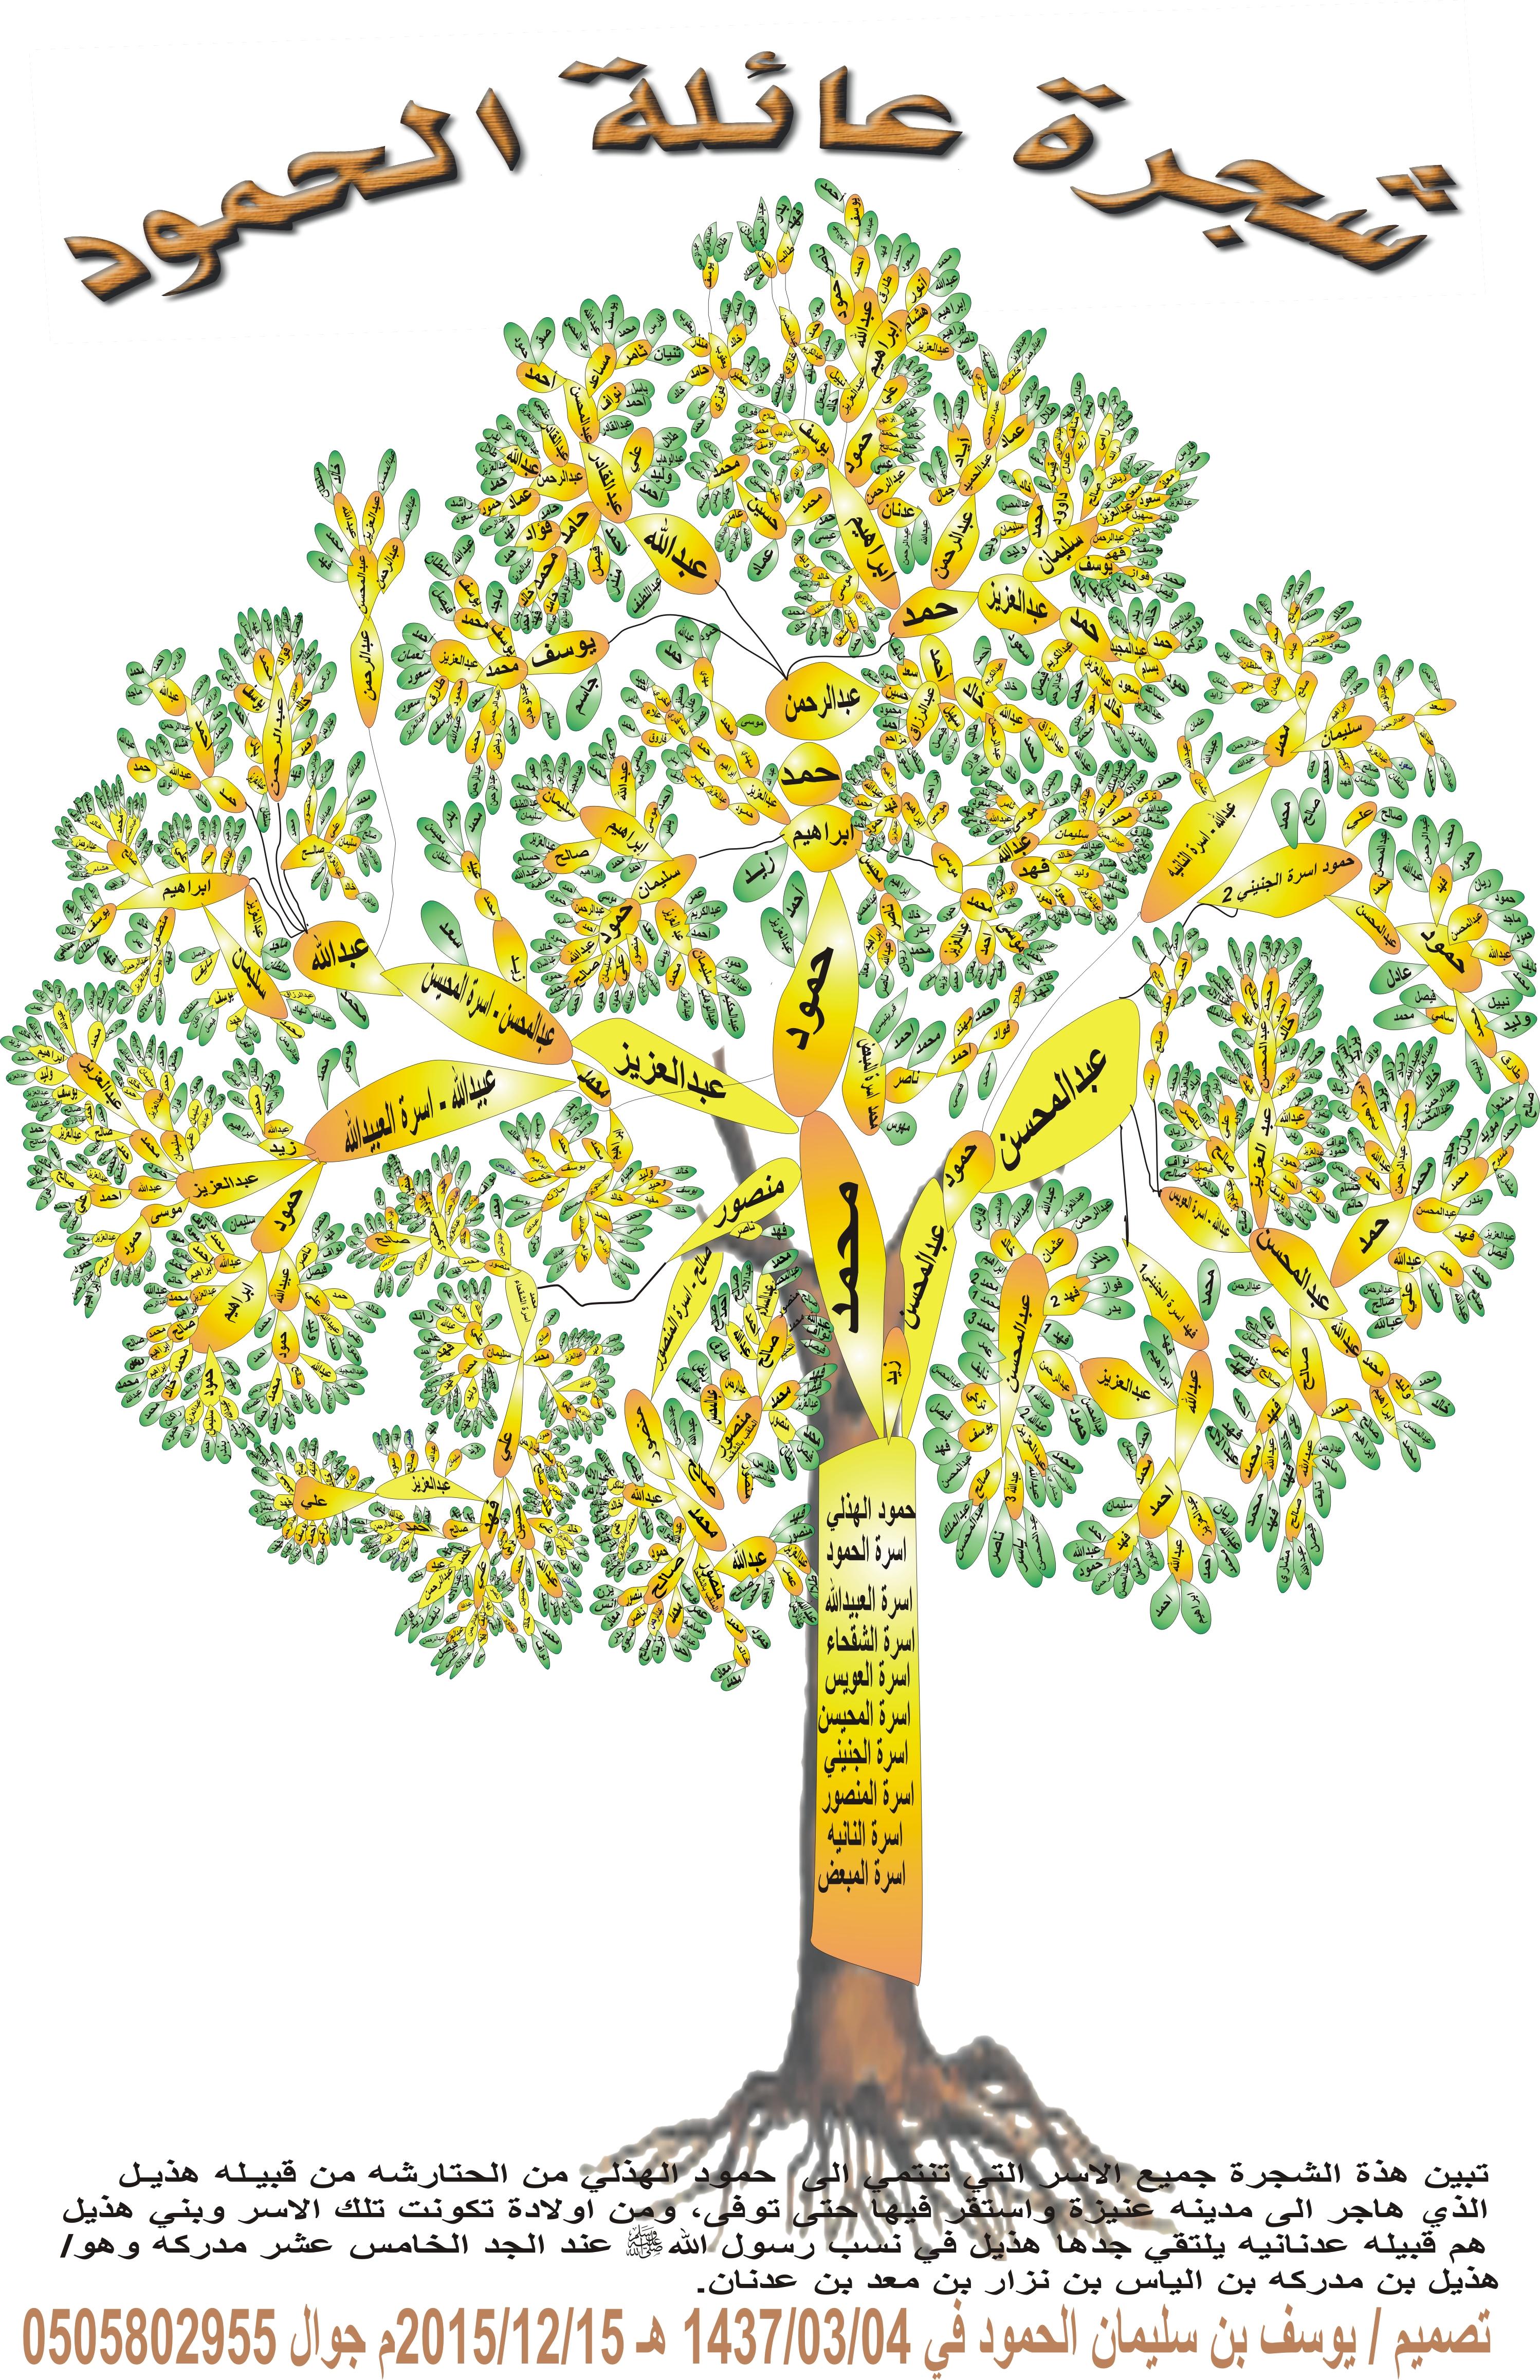 شجرة عائله الحمود الكامله 15-12-2015